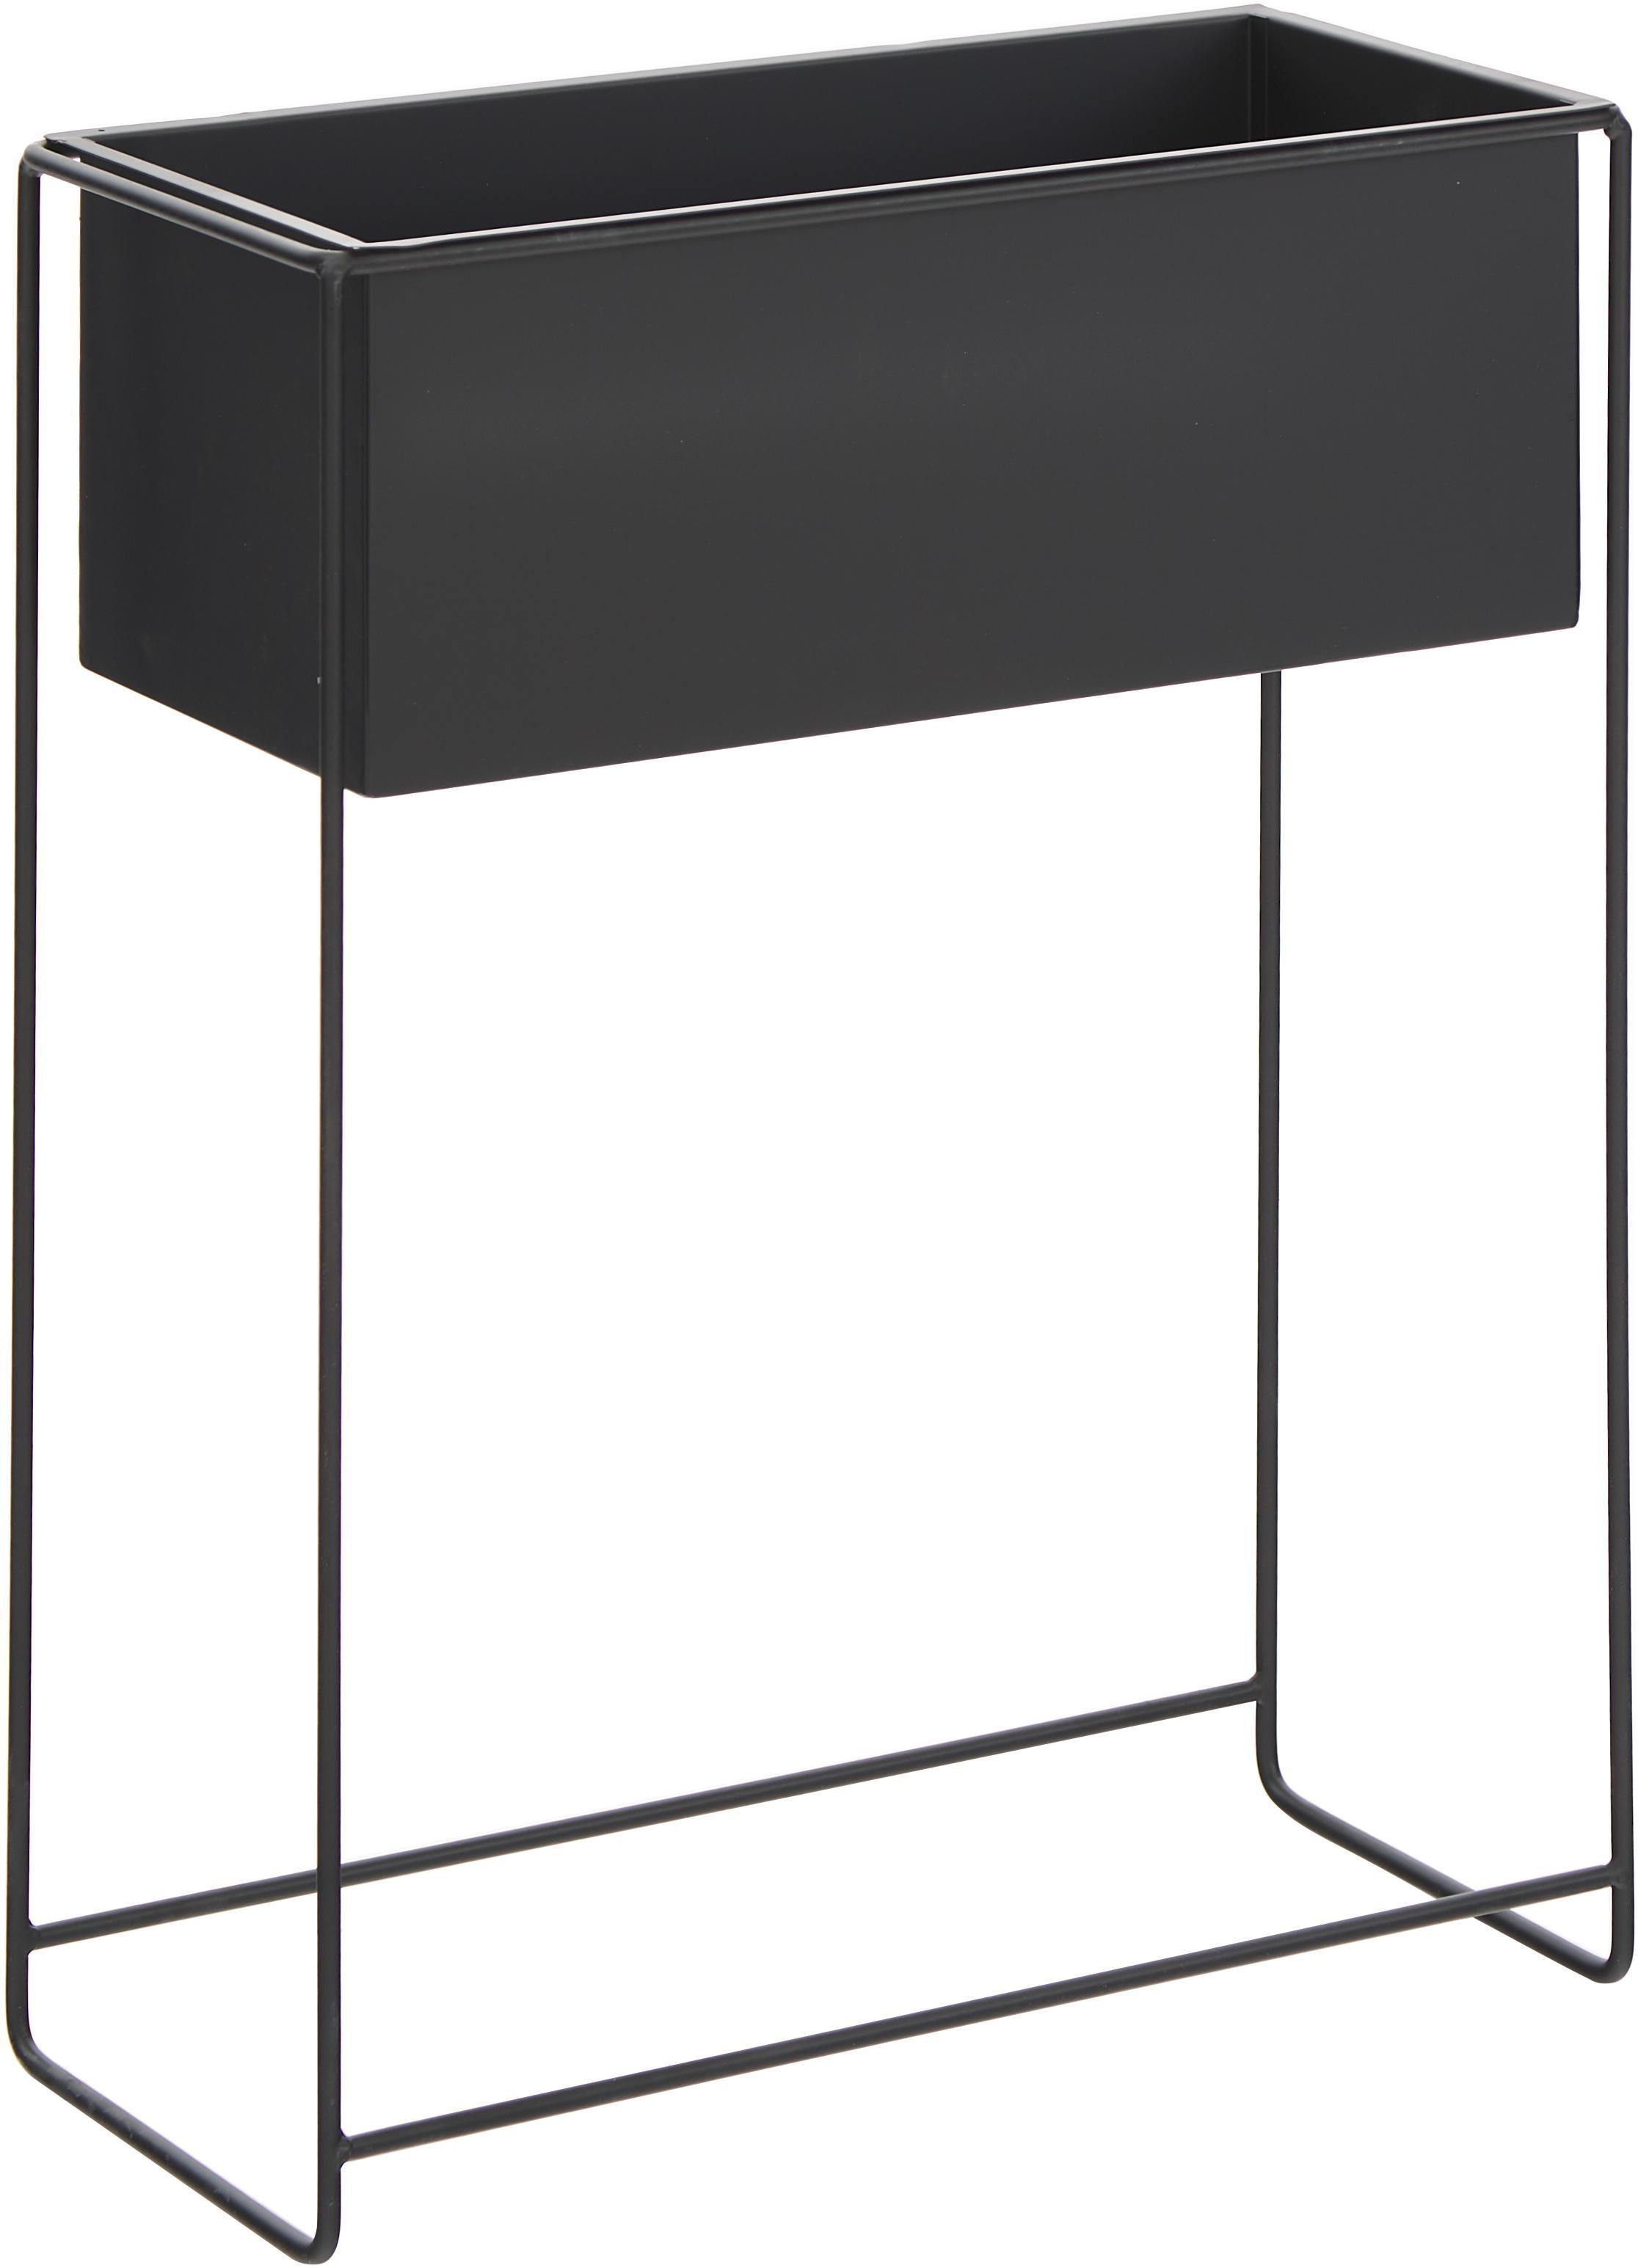 XL plantenpot Flina van metaal, Gecoat metaal, Zwart, 51 x 65 cm